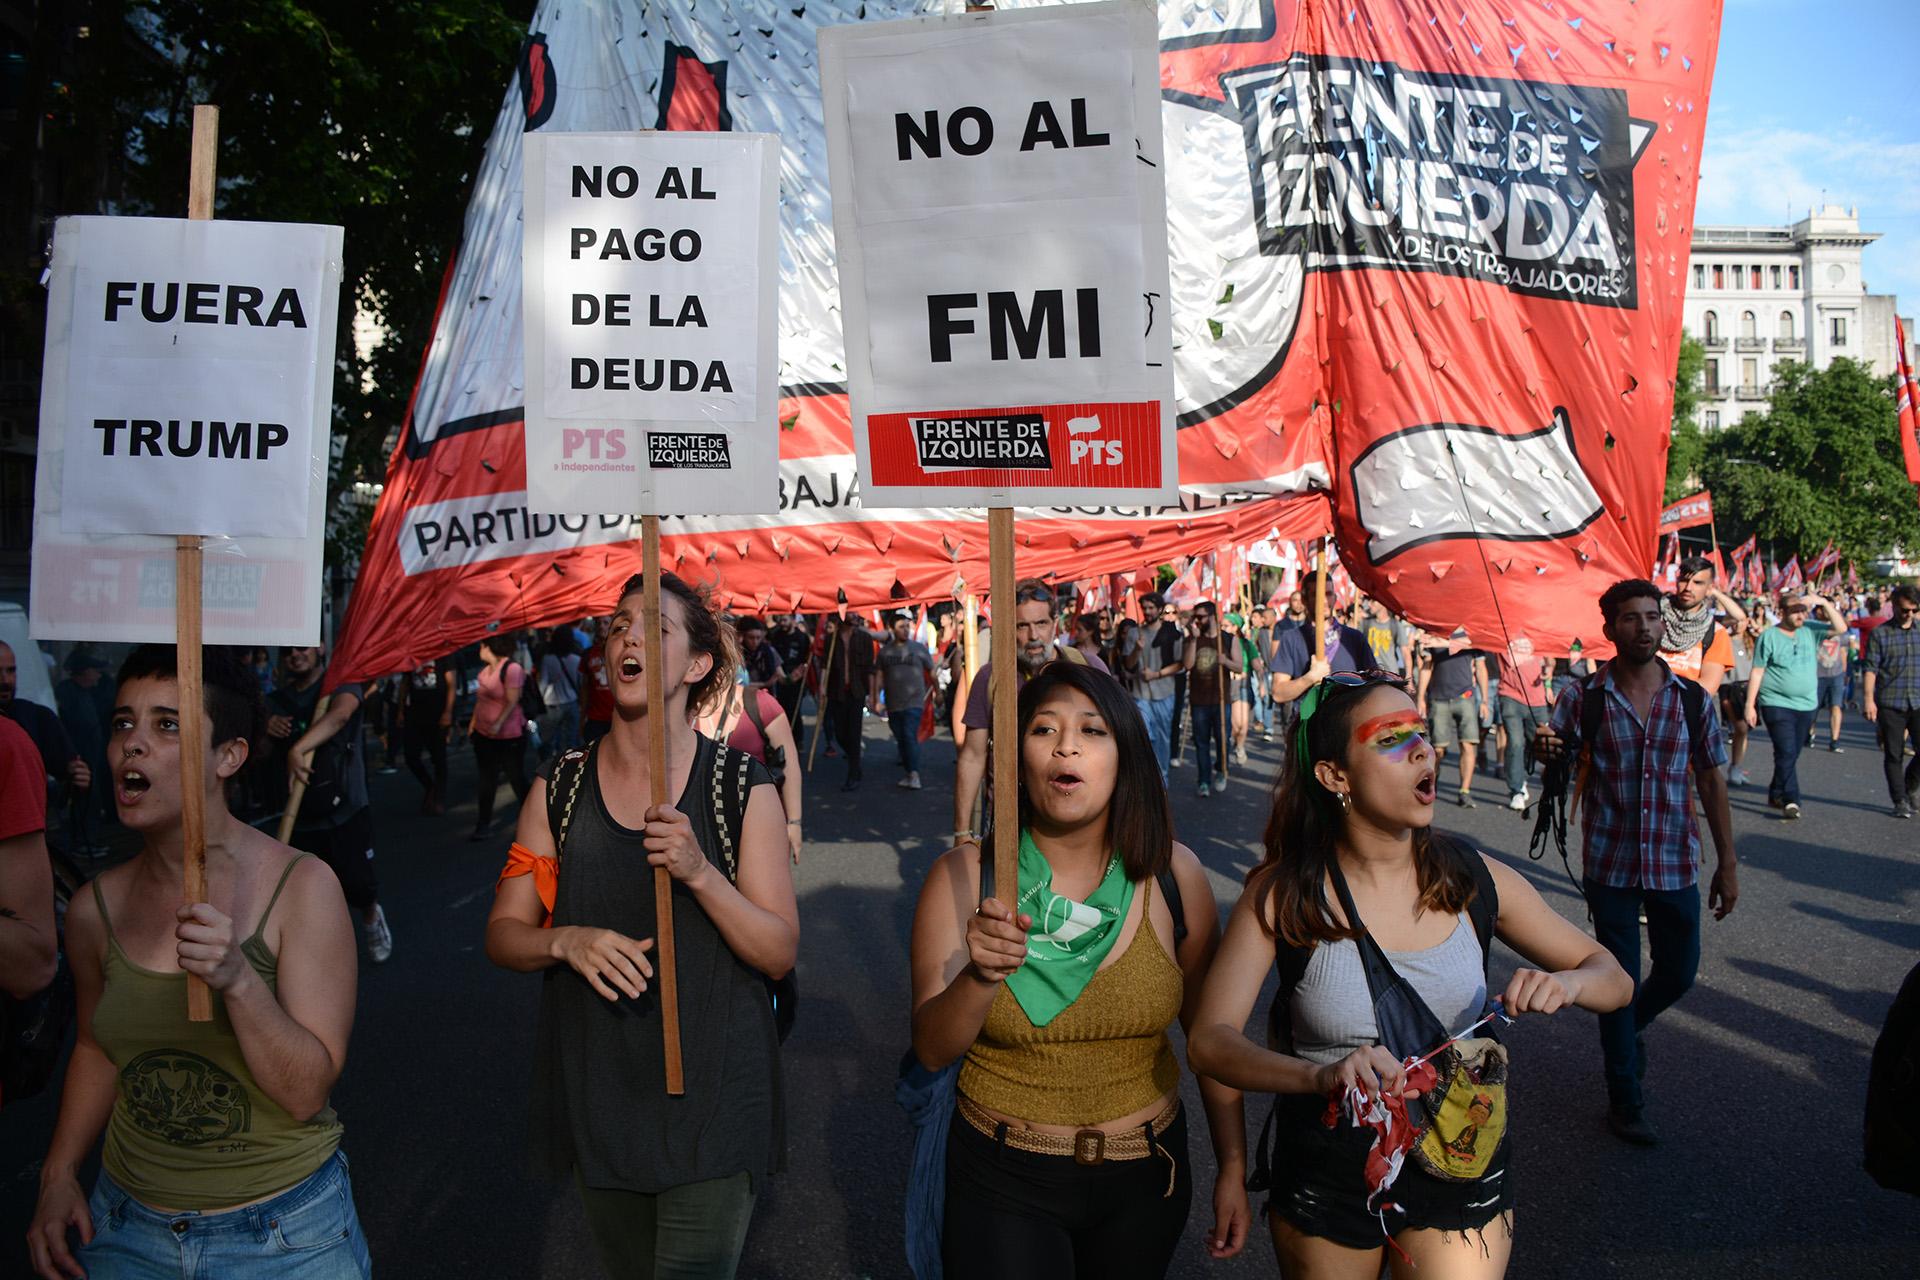 Miles de personas se movilizaron para protestar